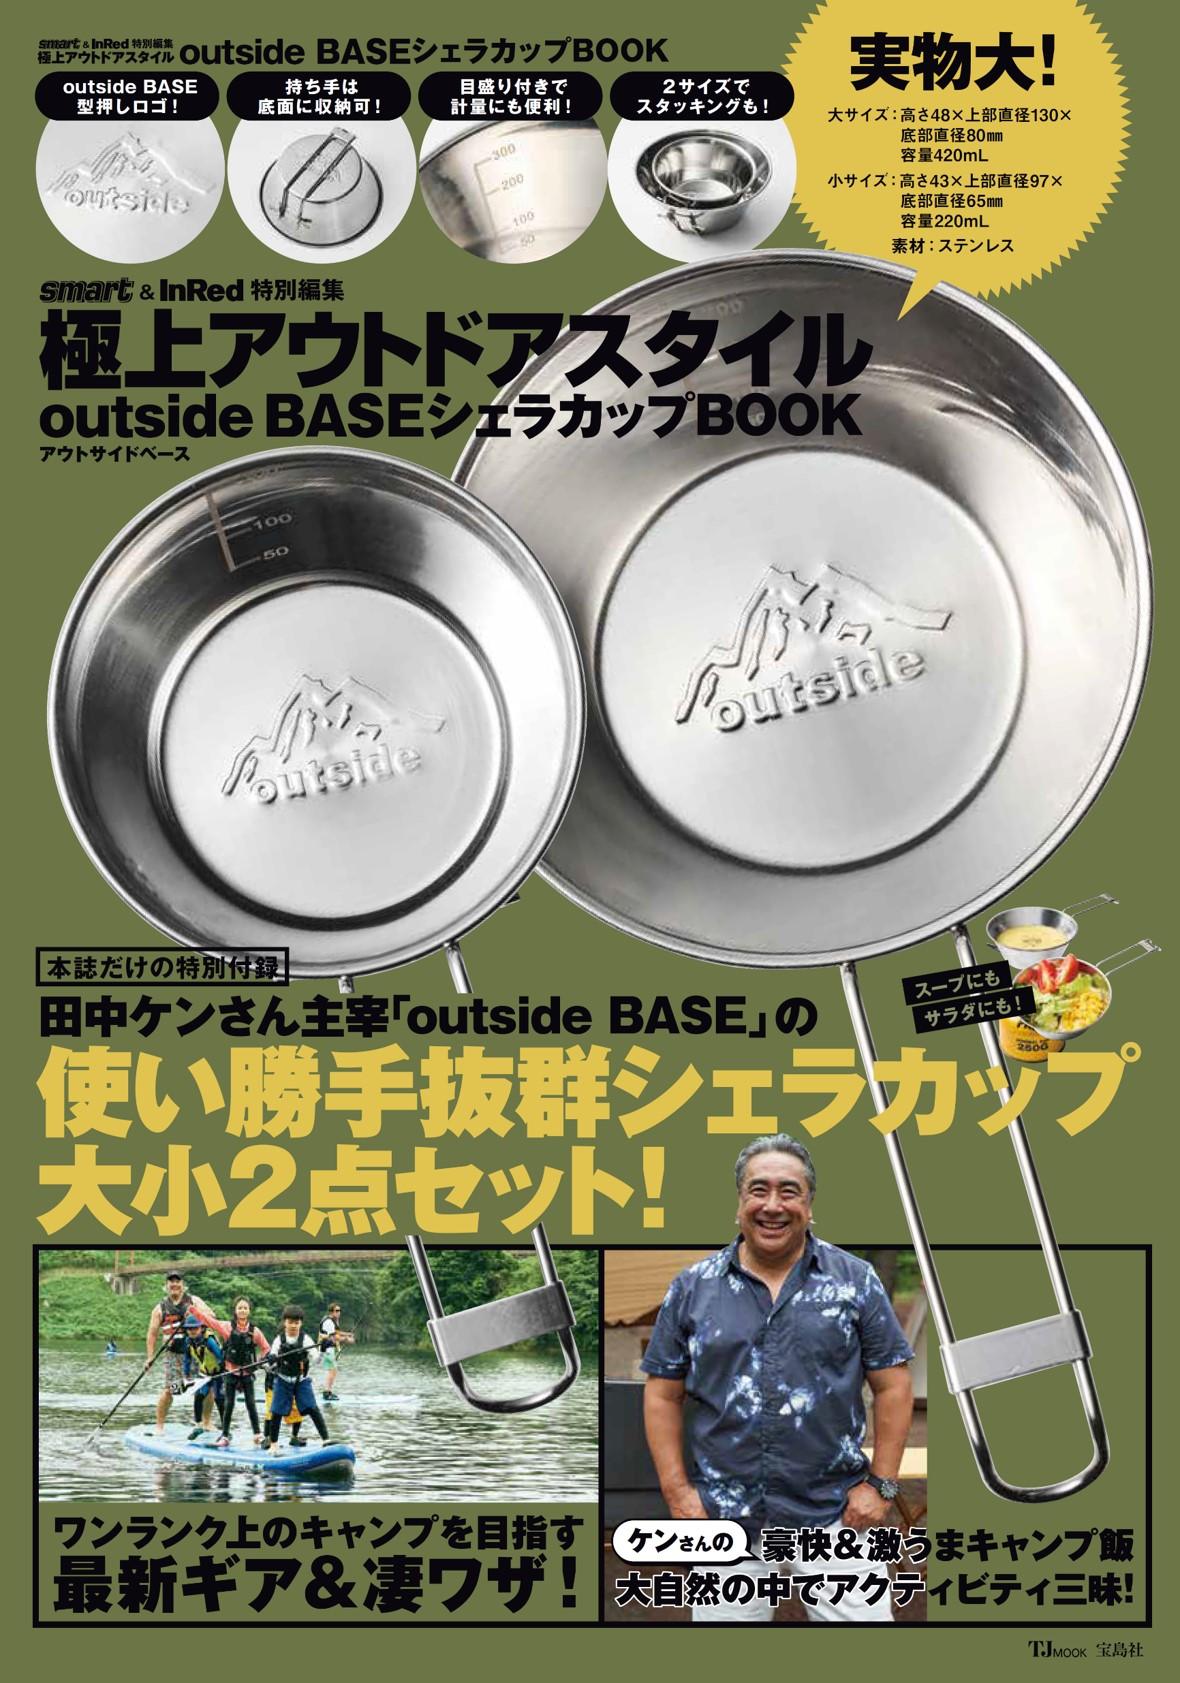 【8月24日発売】田中ケンoutside BASEロゴ入りシェラカップ2個セットのアウトドア雑誌